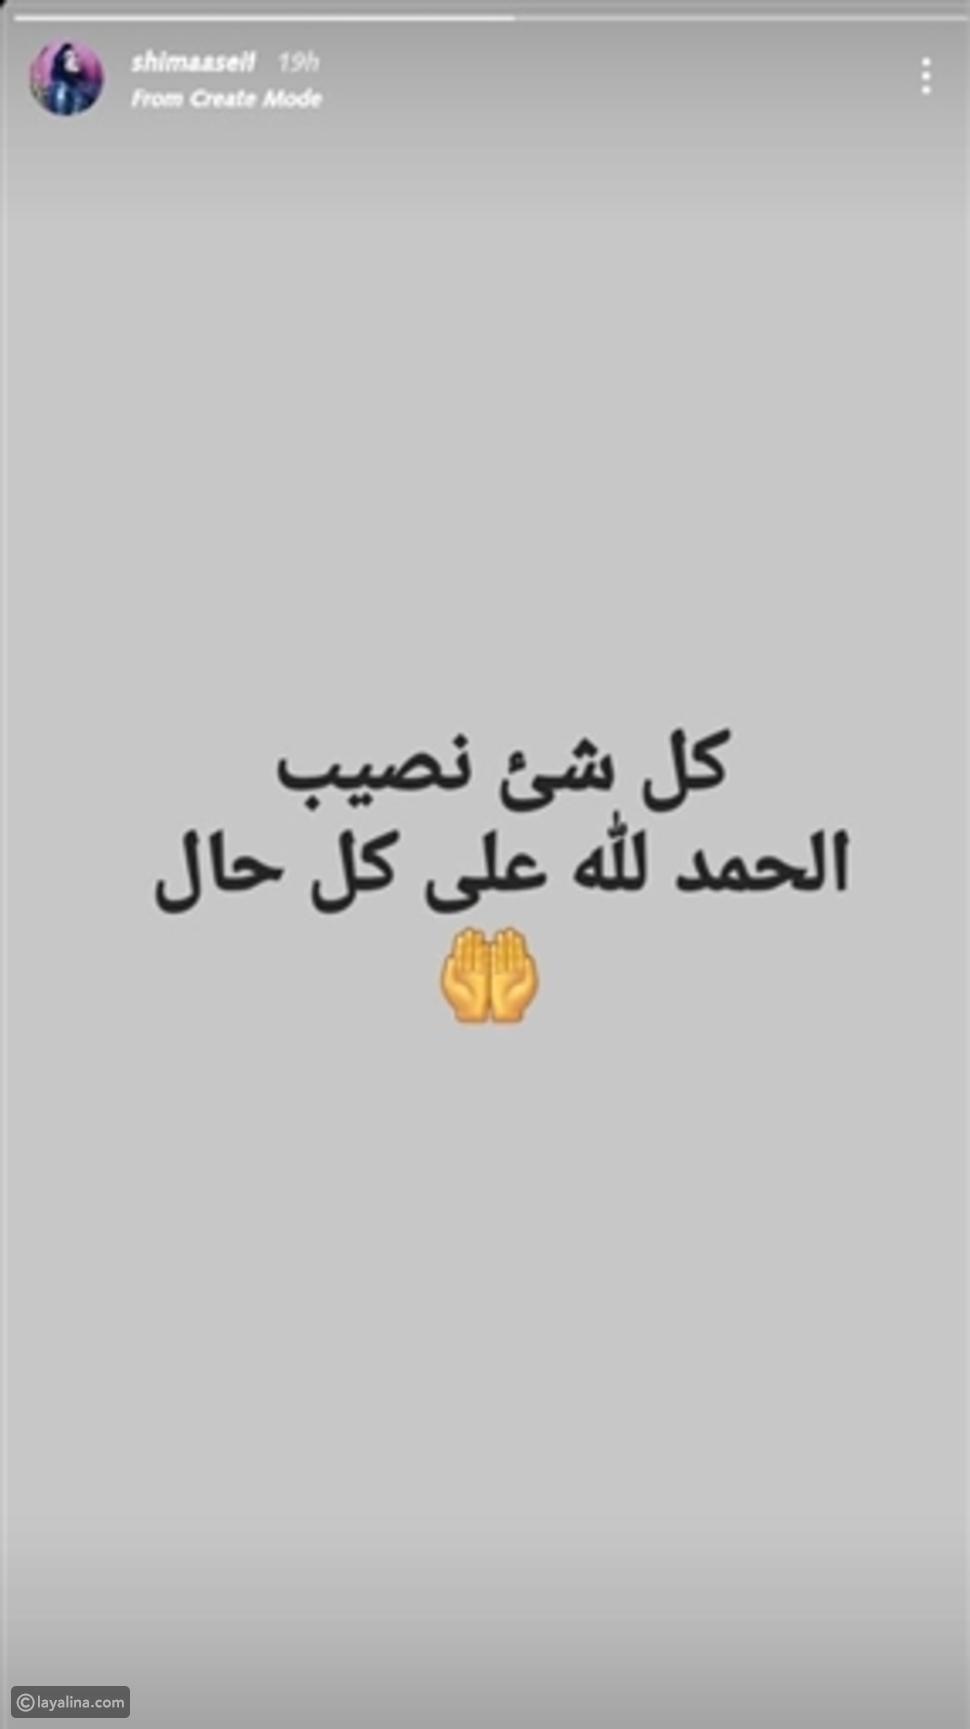 تصالح شيماء سيف وزوجها محمد كارتر